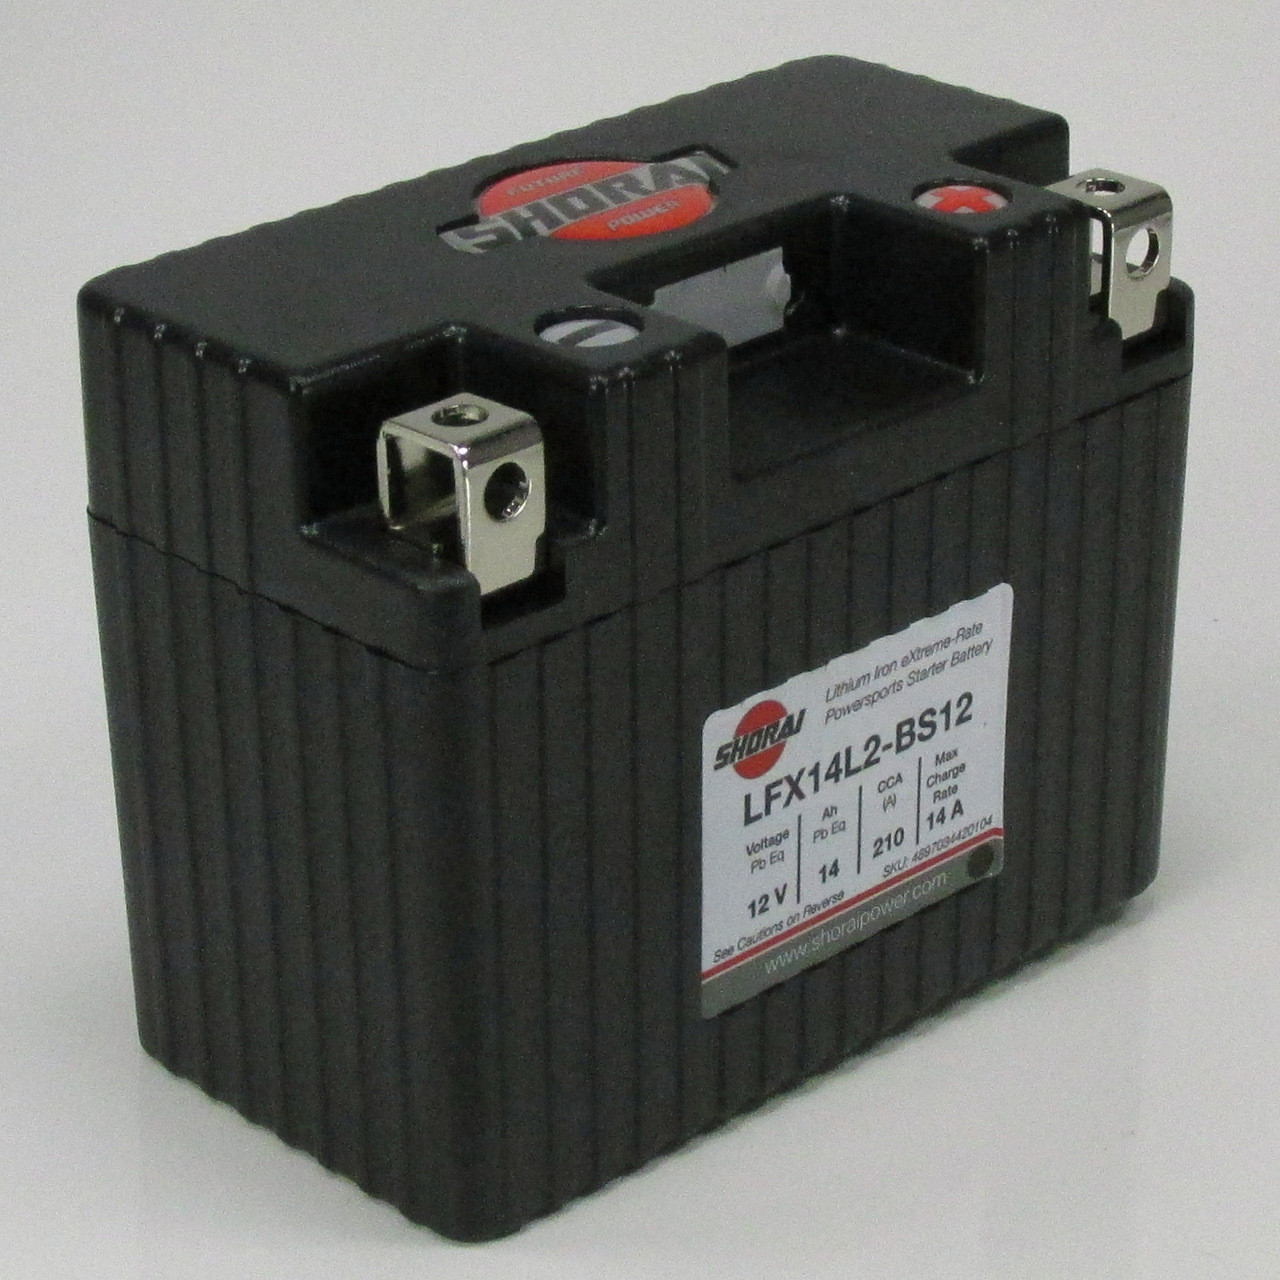 Shorai© LFX14L2-BS12 Lithium Ion Motorcycle Battery - Left Side Negative  Terminal, 210CCA, 14 Ah, 12 Volt